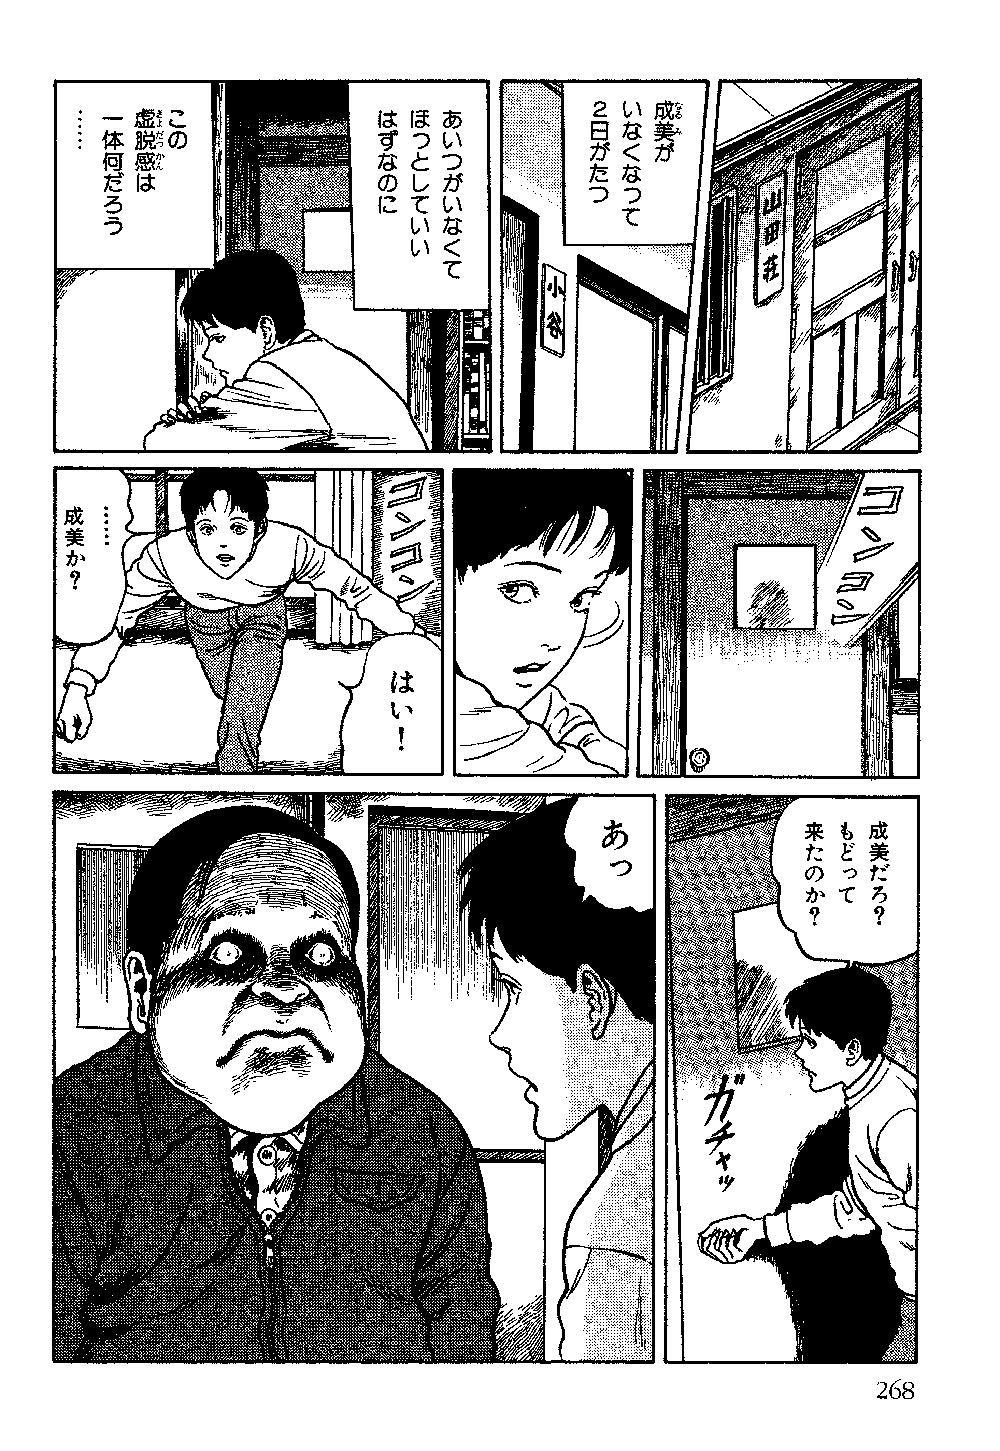 itouj_0004_0270.jpg